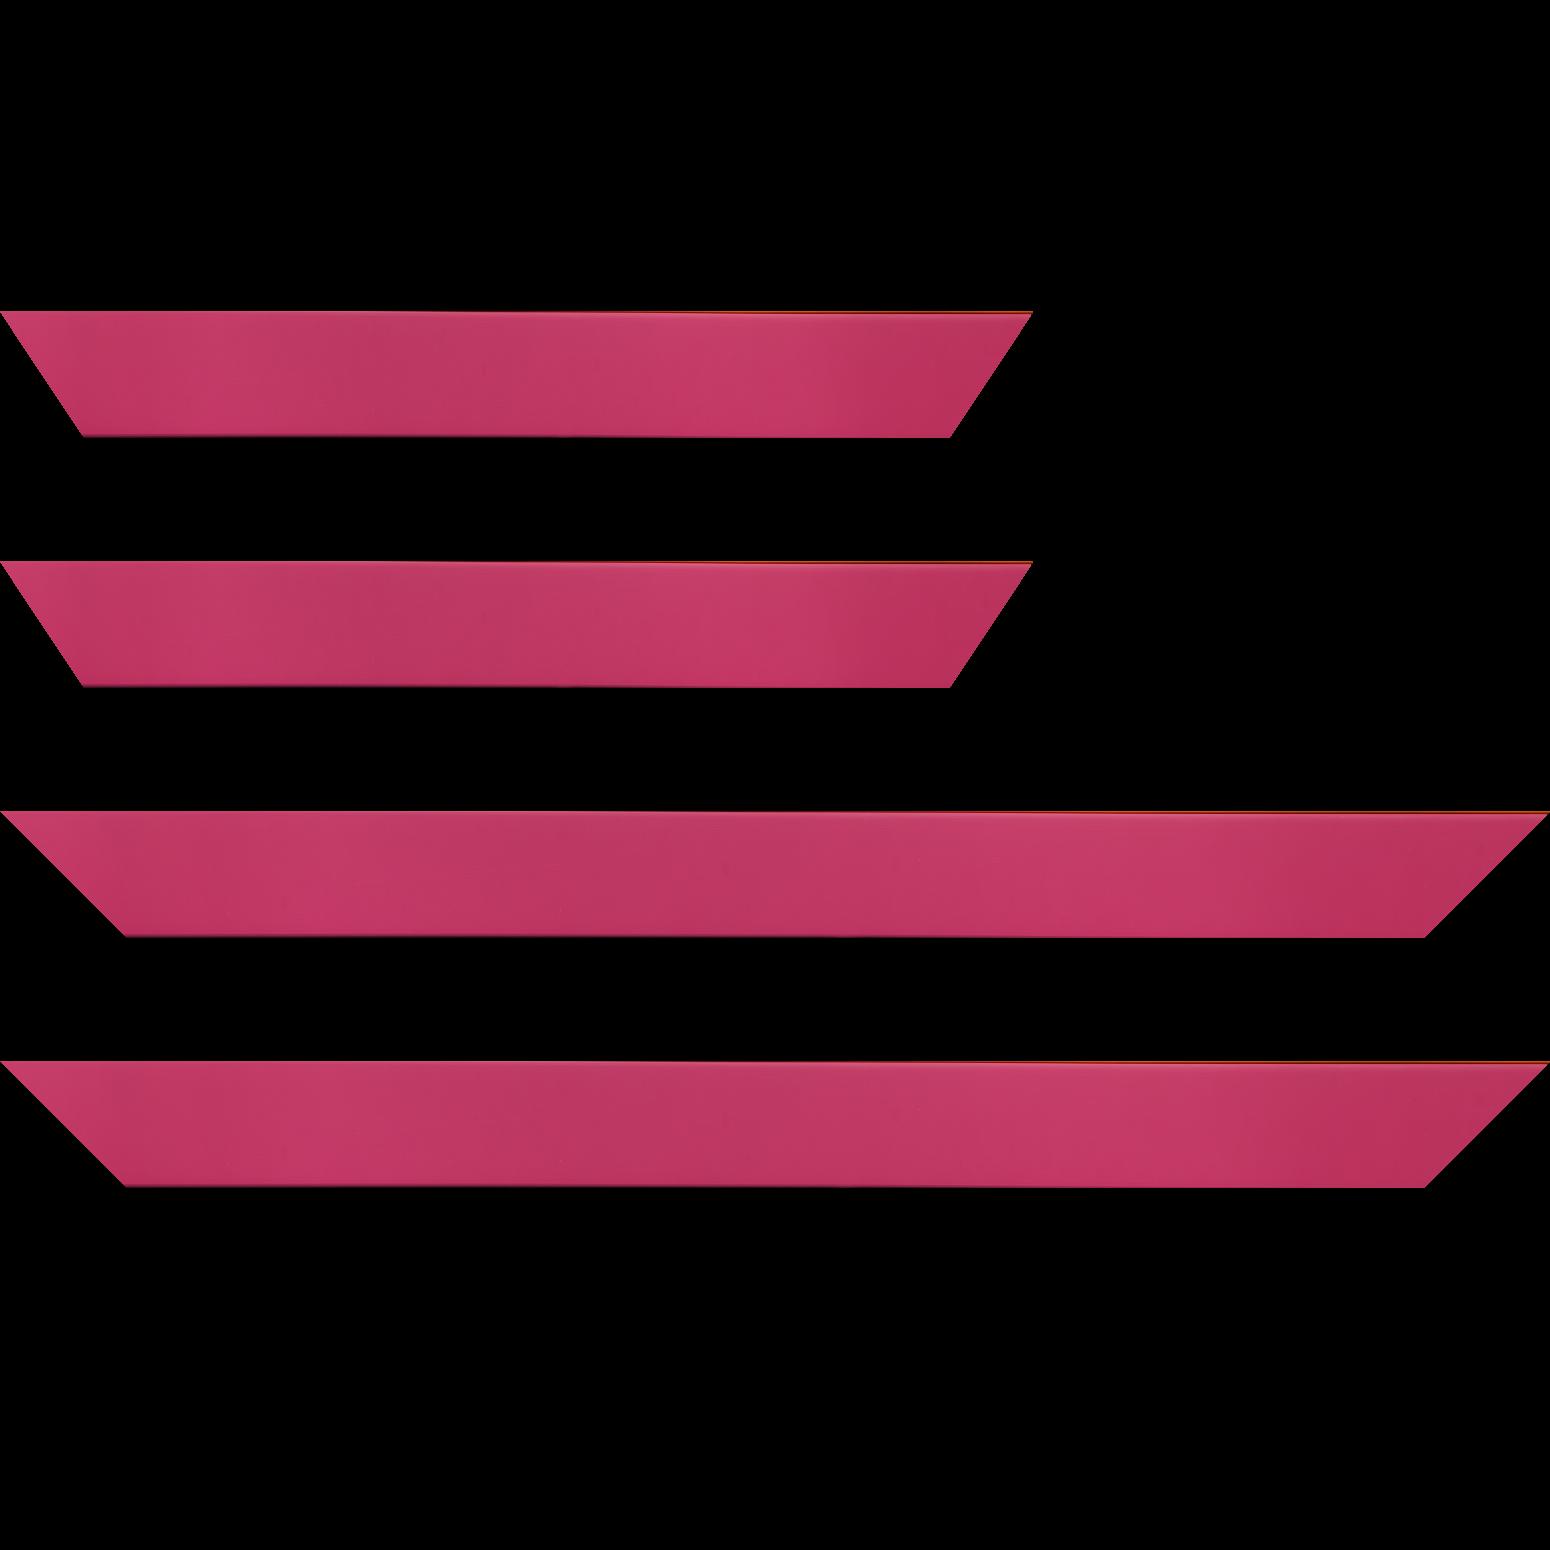 Baguette service précoupé bois profil plat largeur 3.9cm couleur rose fushia mat